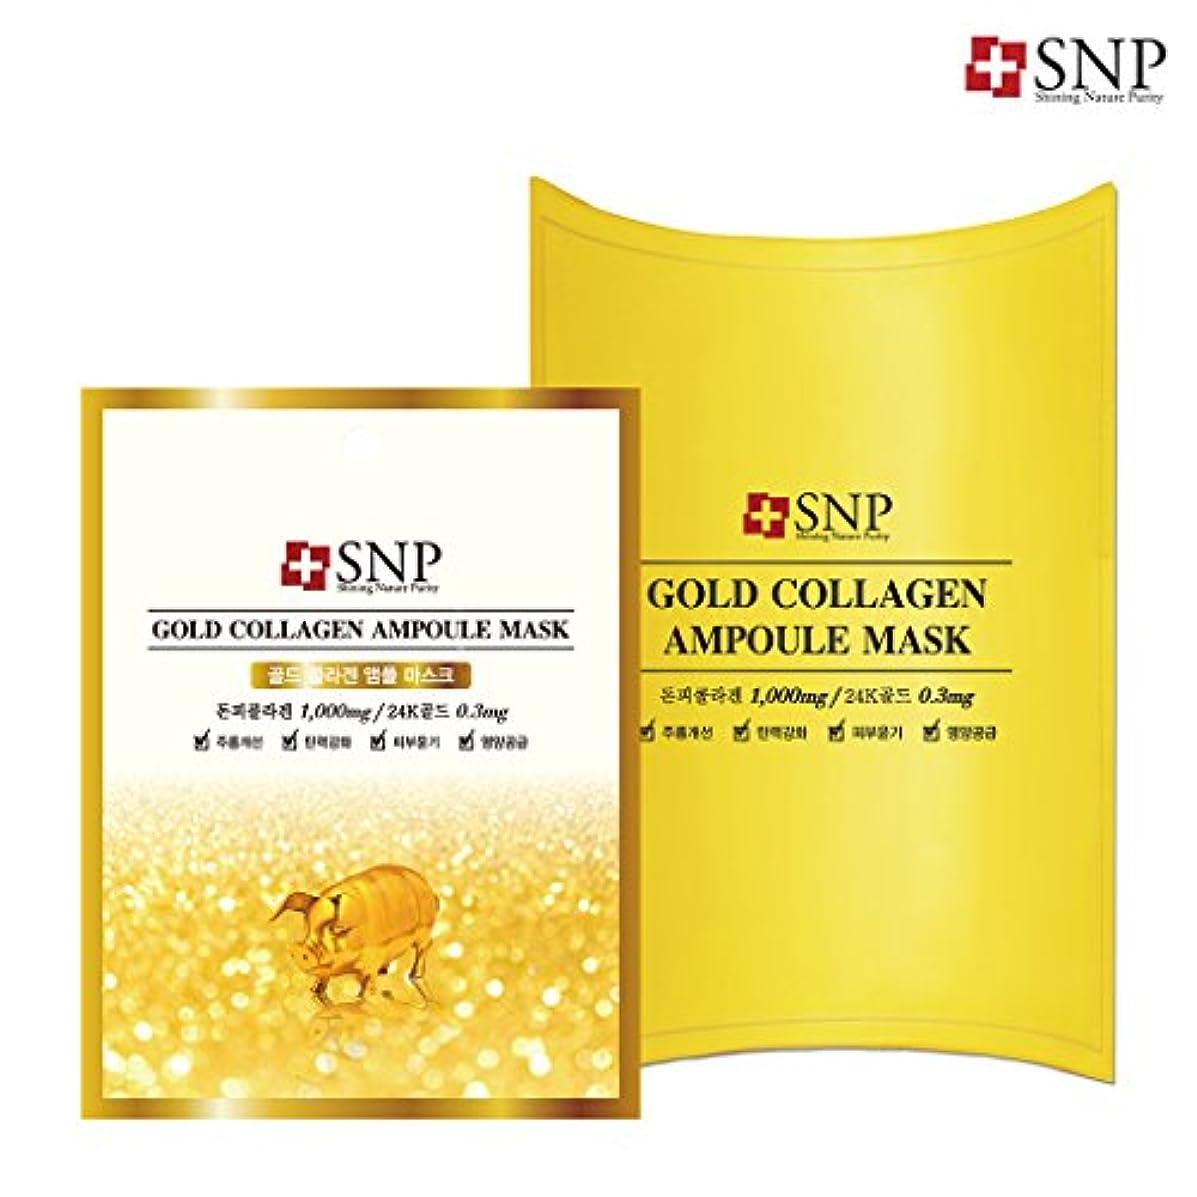 呼吸種類確立SNP ゴールド コラーゲン アンプル マスク 10枚/GOLD COLLAGEN AMPOULE MASK 10EA[海外直送品]